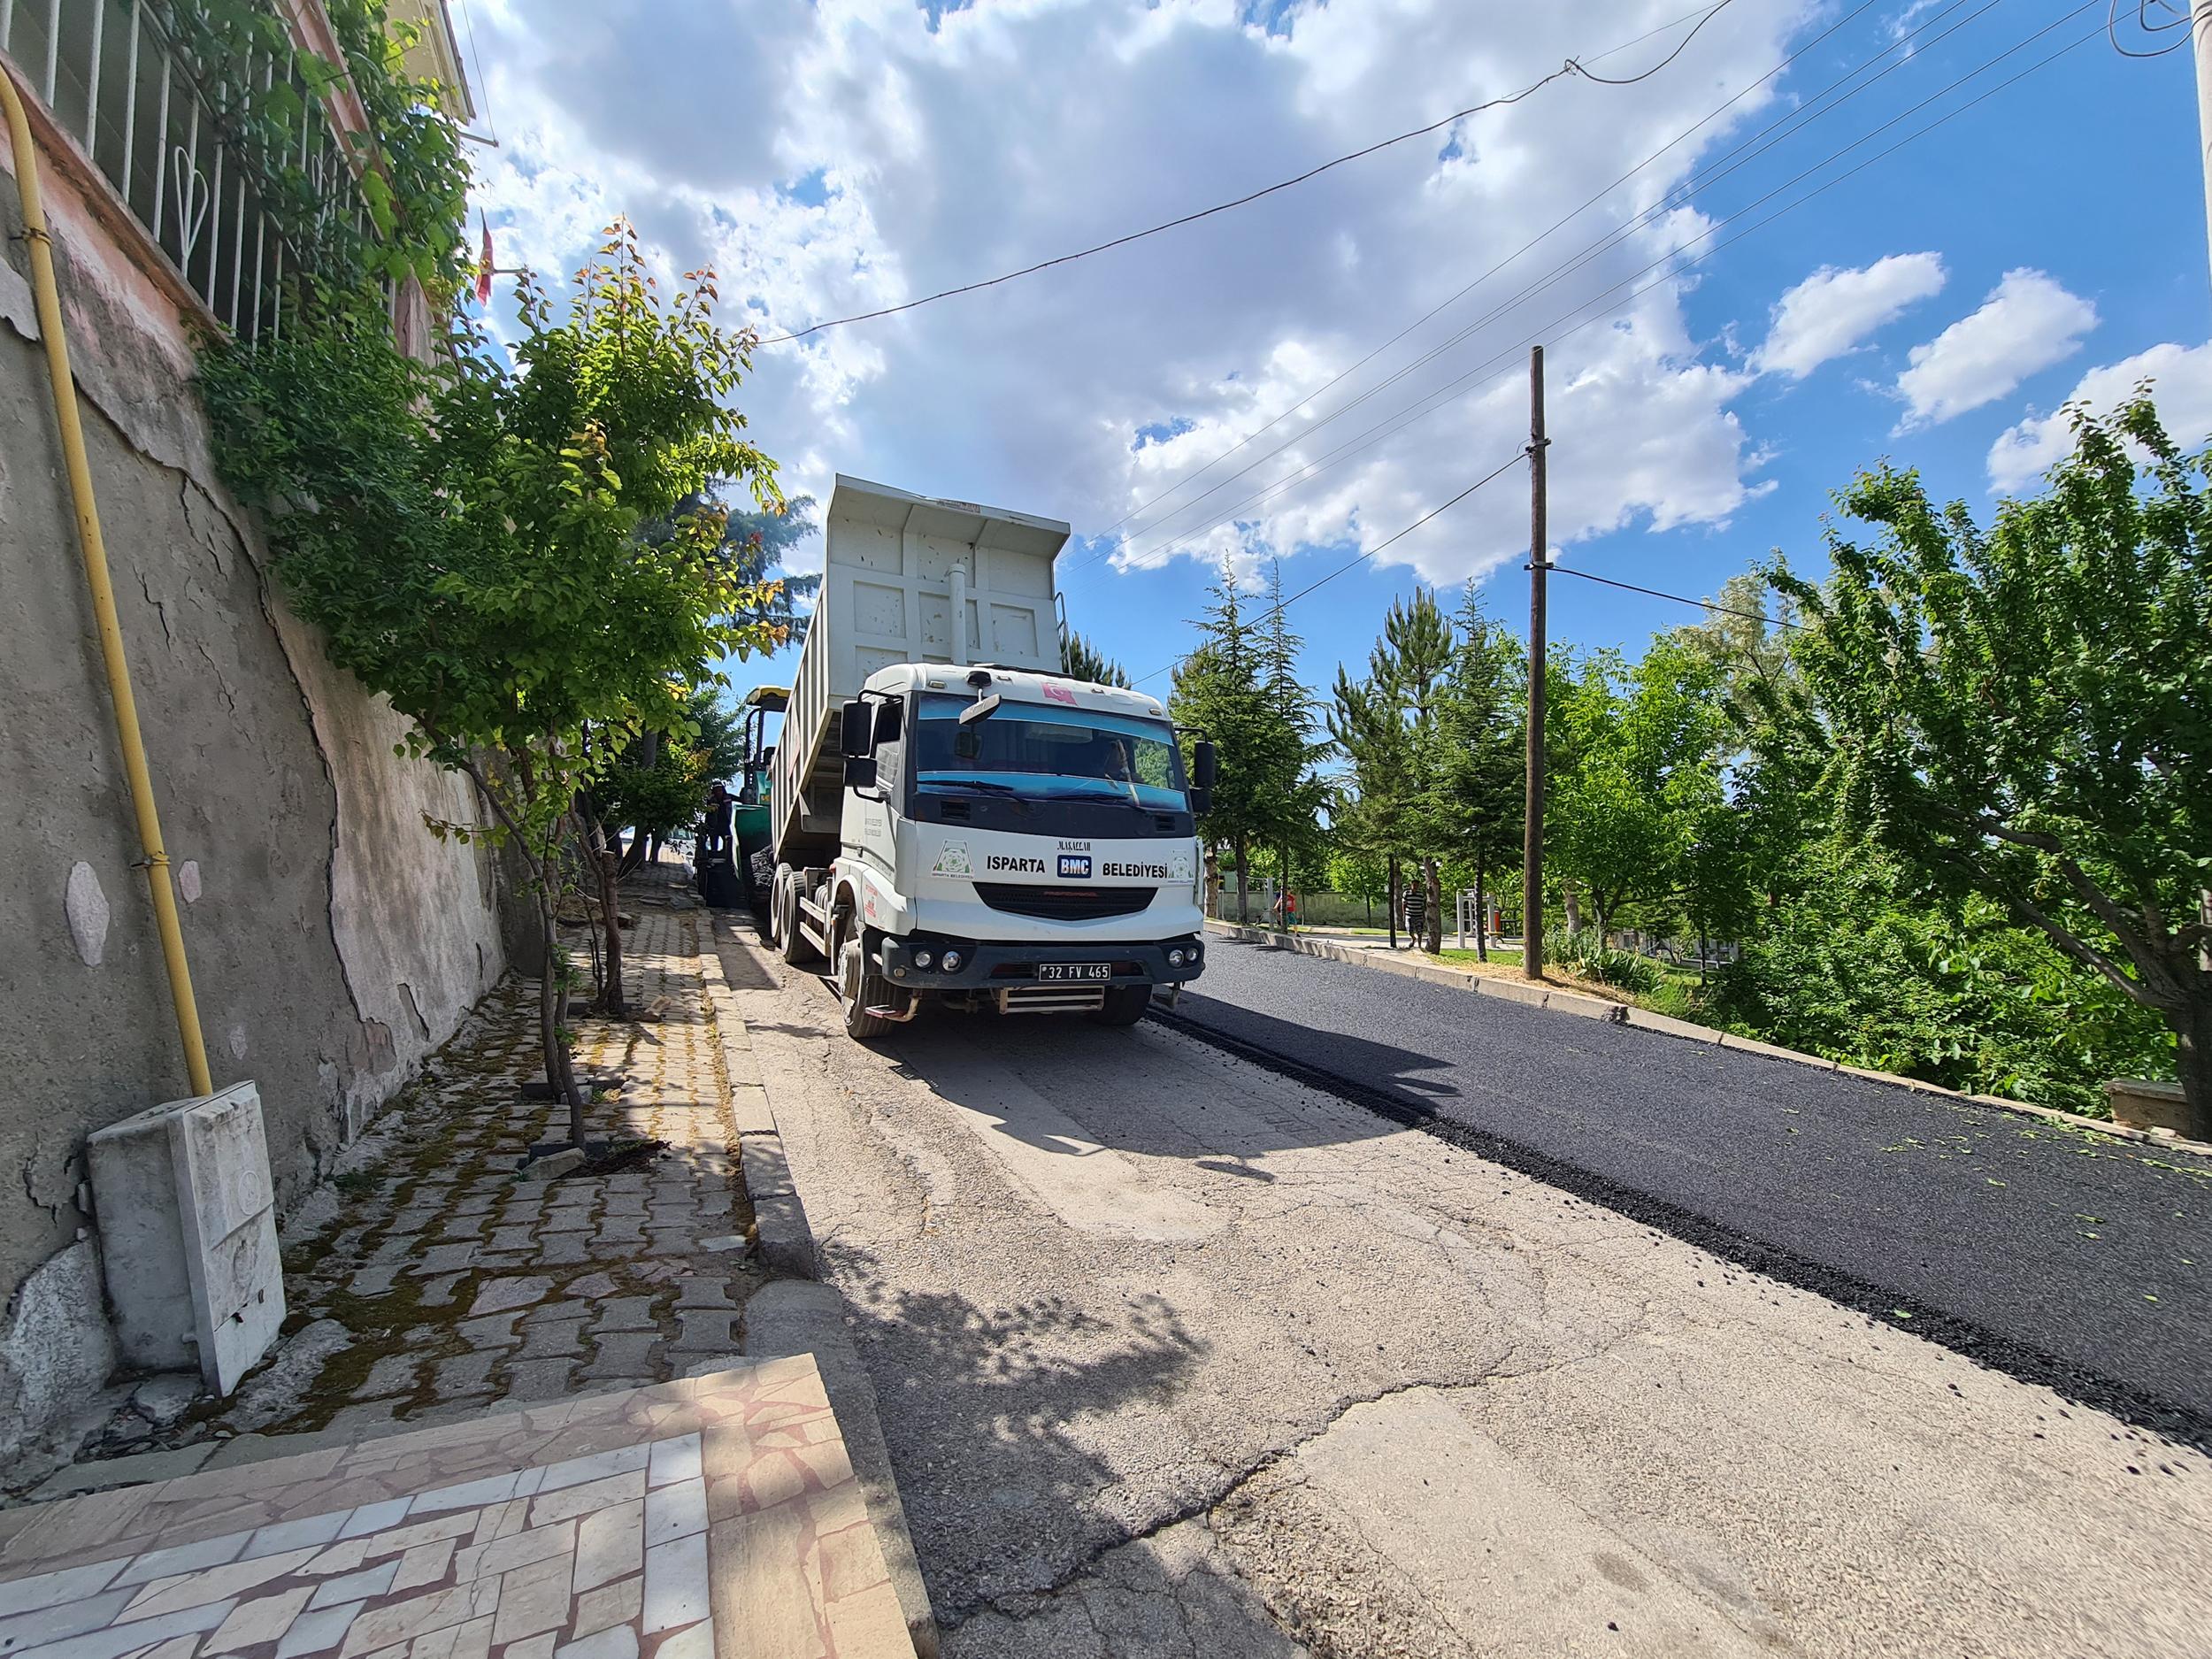 27-05-2021-binbirevler-asfalt-3